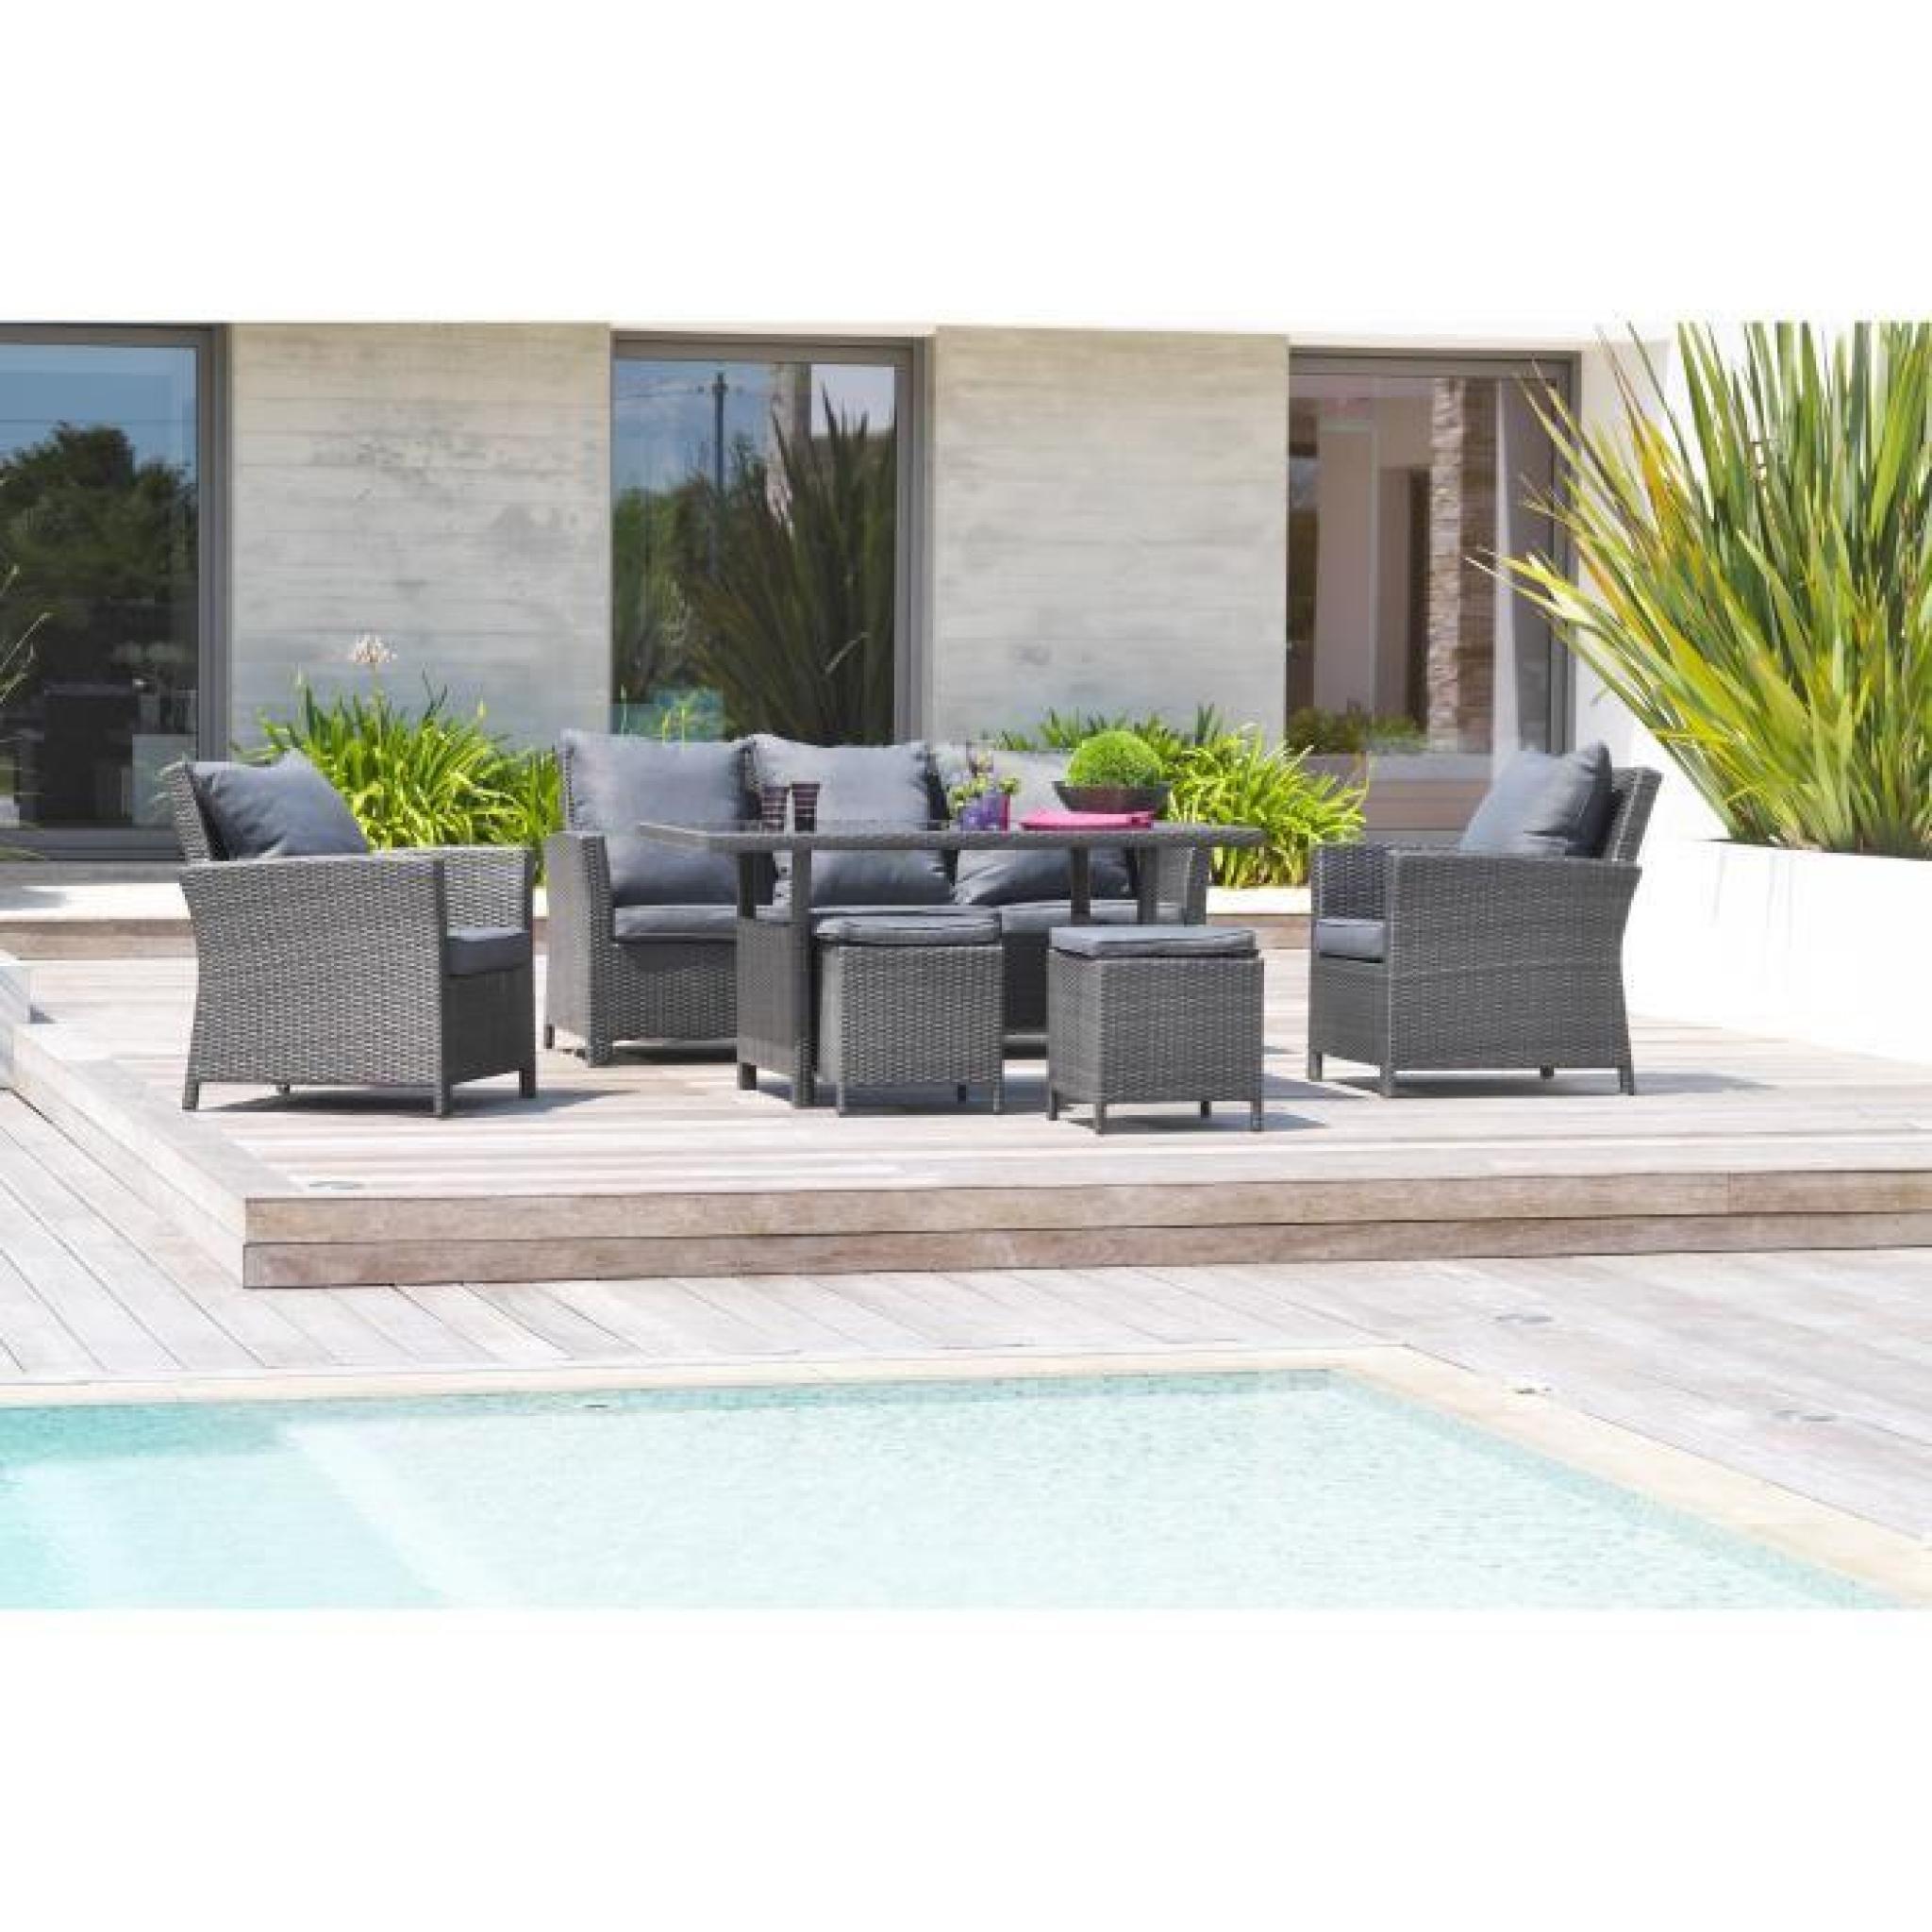 DCB GARDEN Salon de jardin Festy 1 table, 1 canapé 3 places, 2 fauteuils et  2 poufs en résine tressée - Plateau verre - Gris